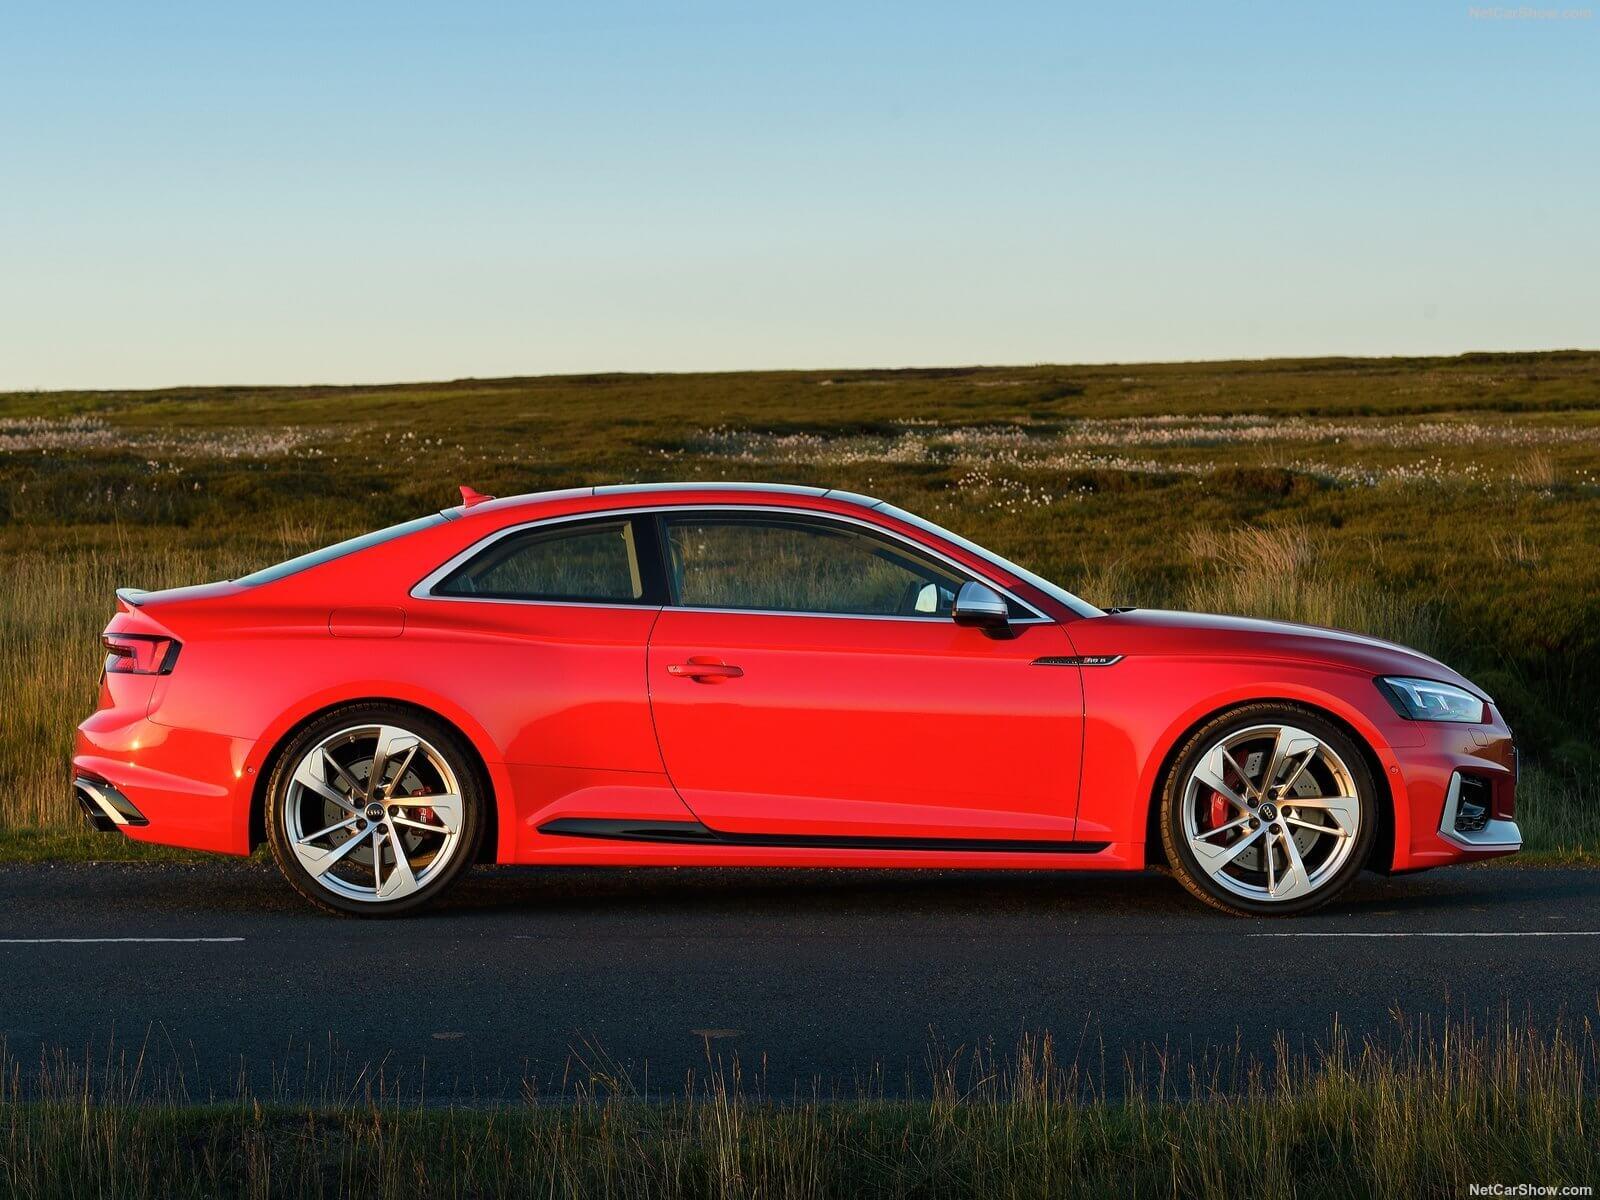 Audi RS5 Sportback (quatro portas) também está confirmado par ao Brasil